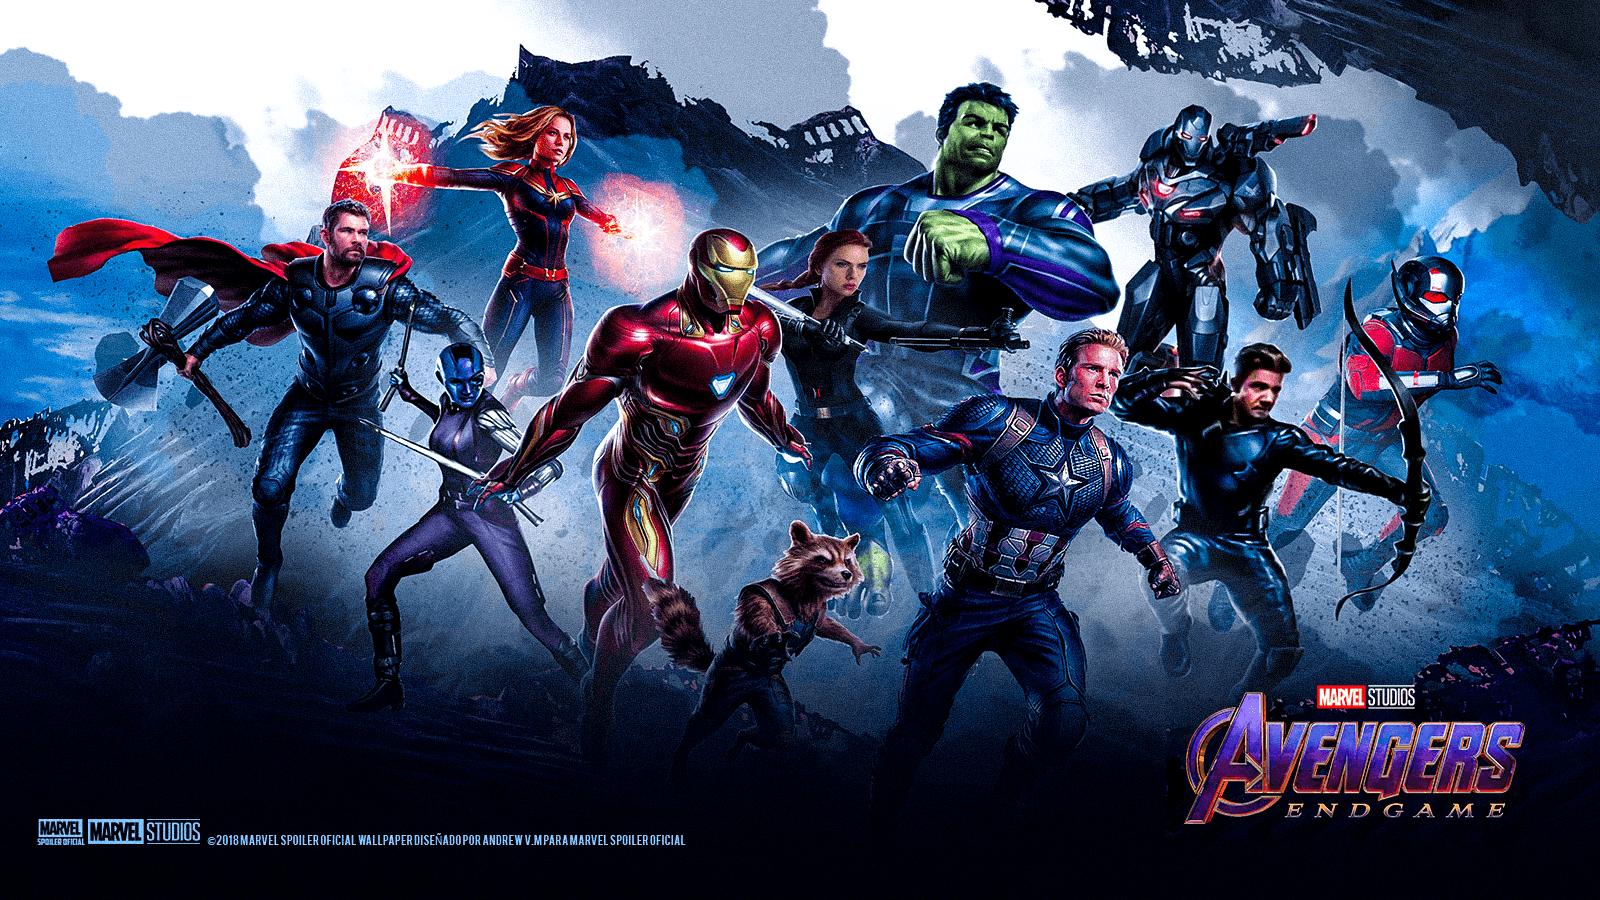 1080p Avengers Endgame Poster 4k